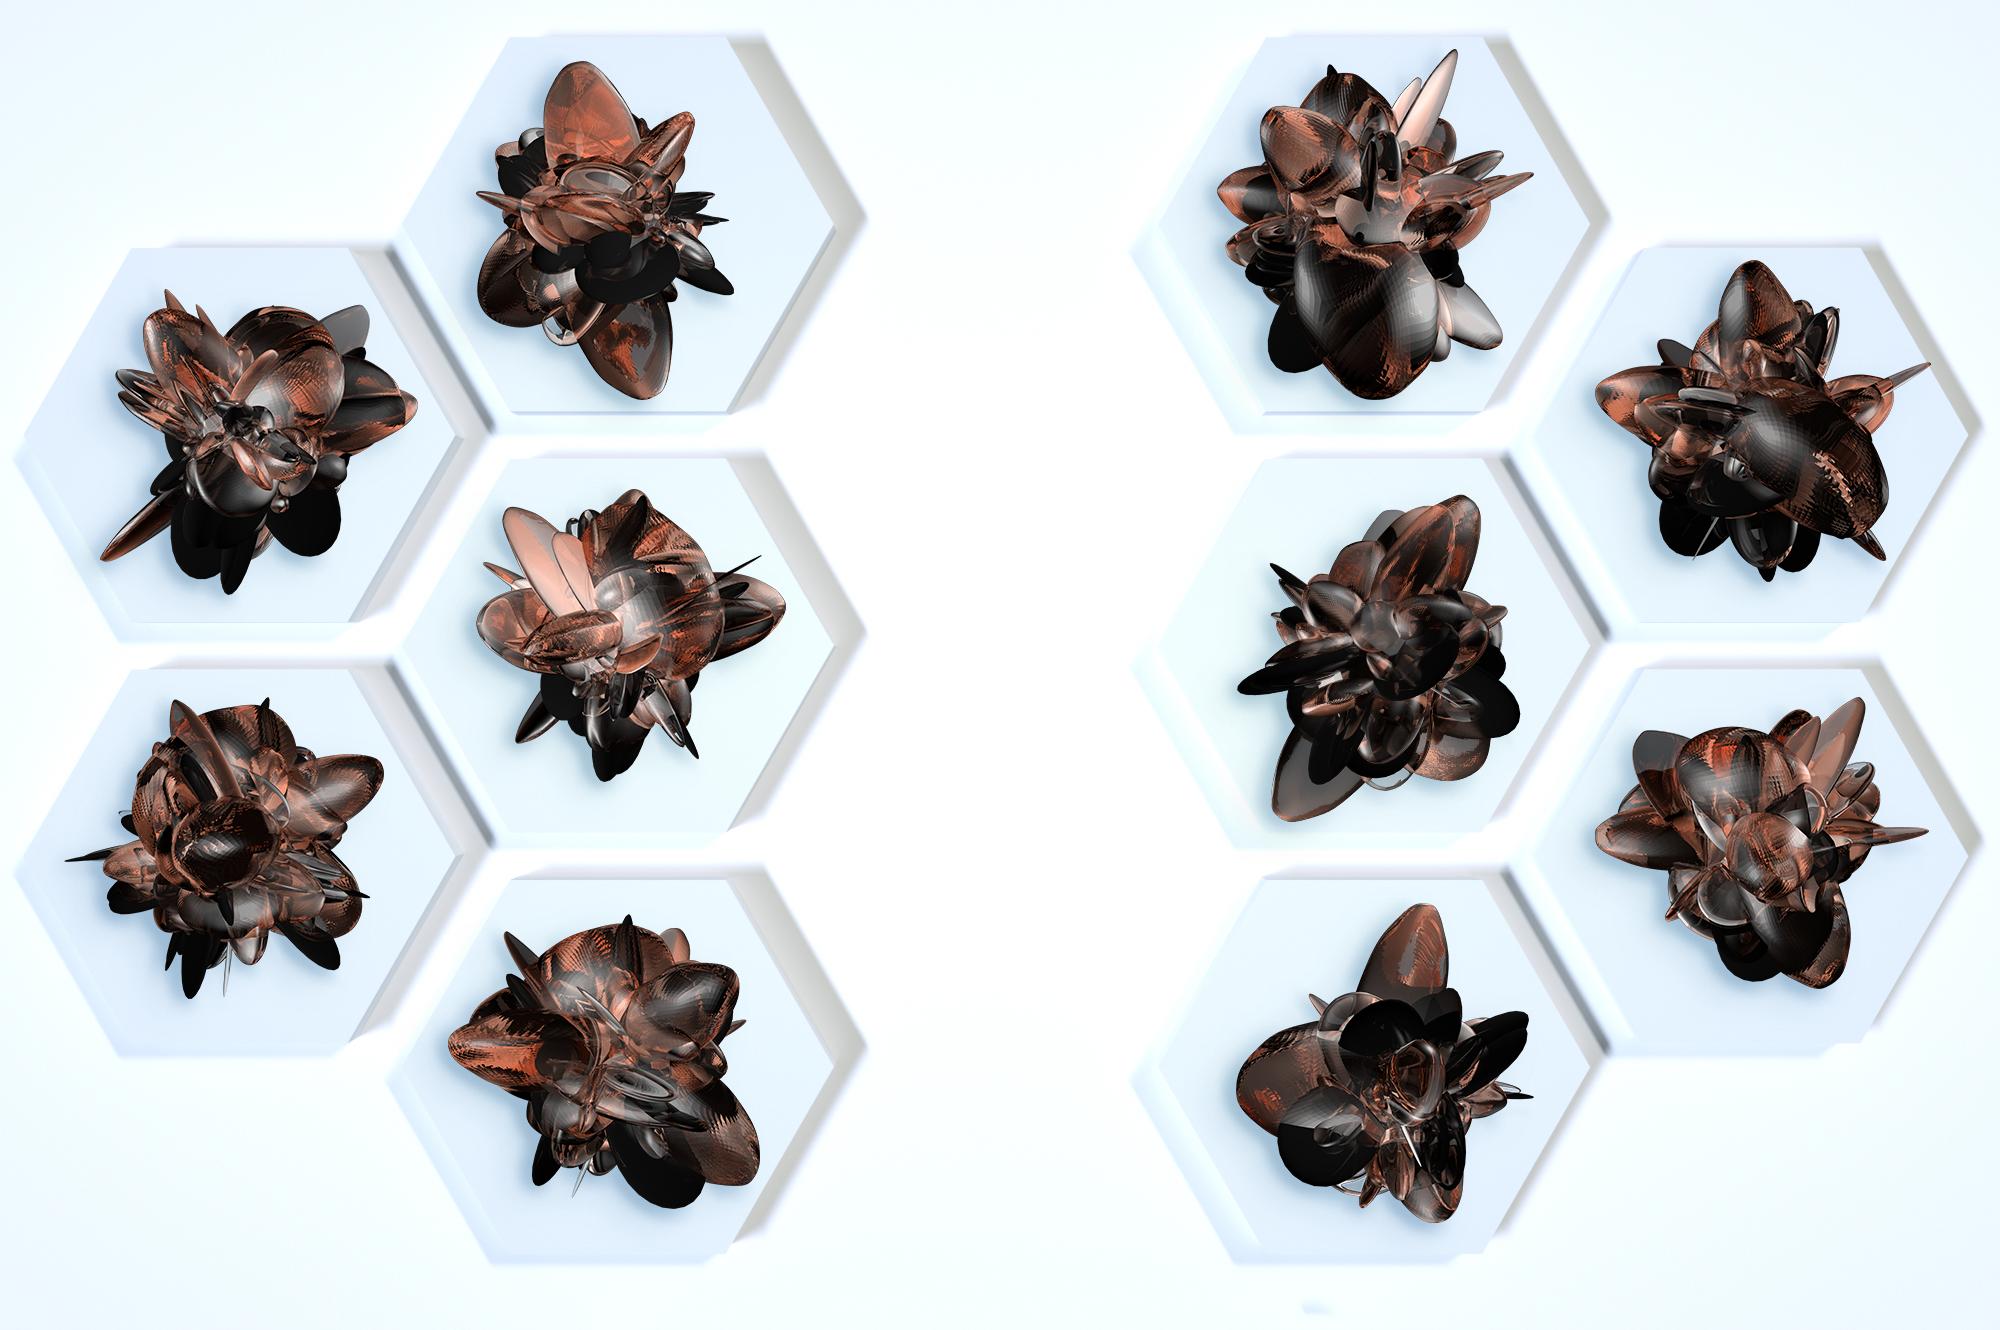 Crystal|Azbuka|Alphabet example image 30